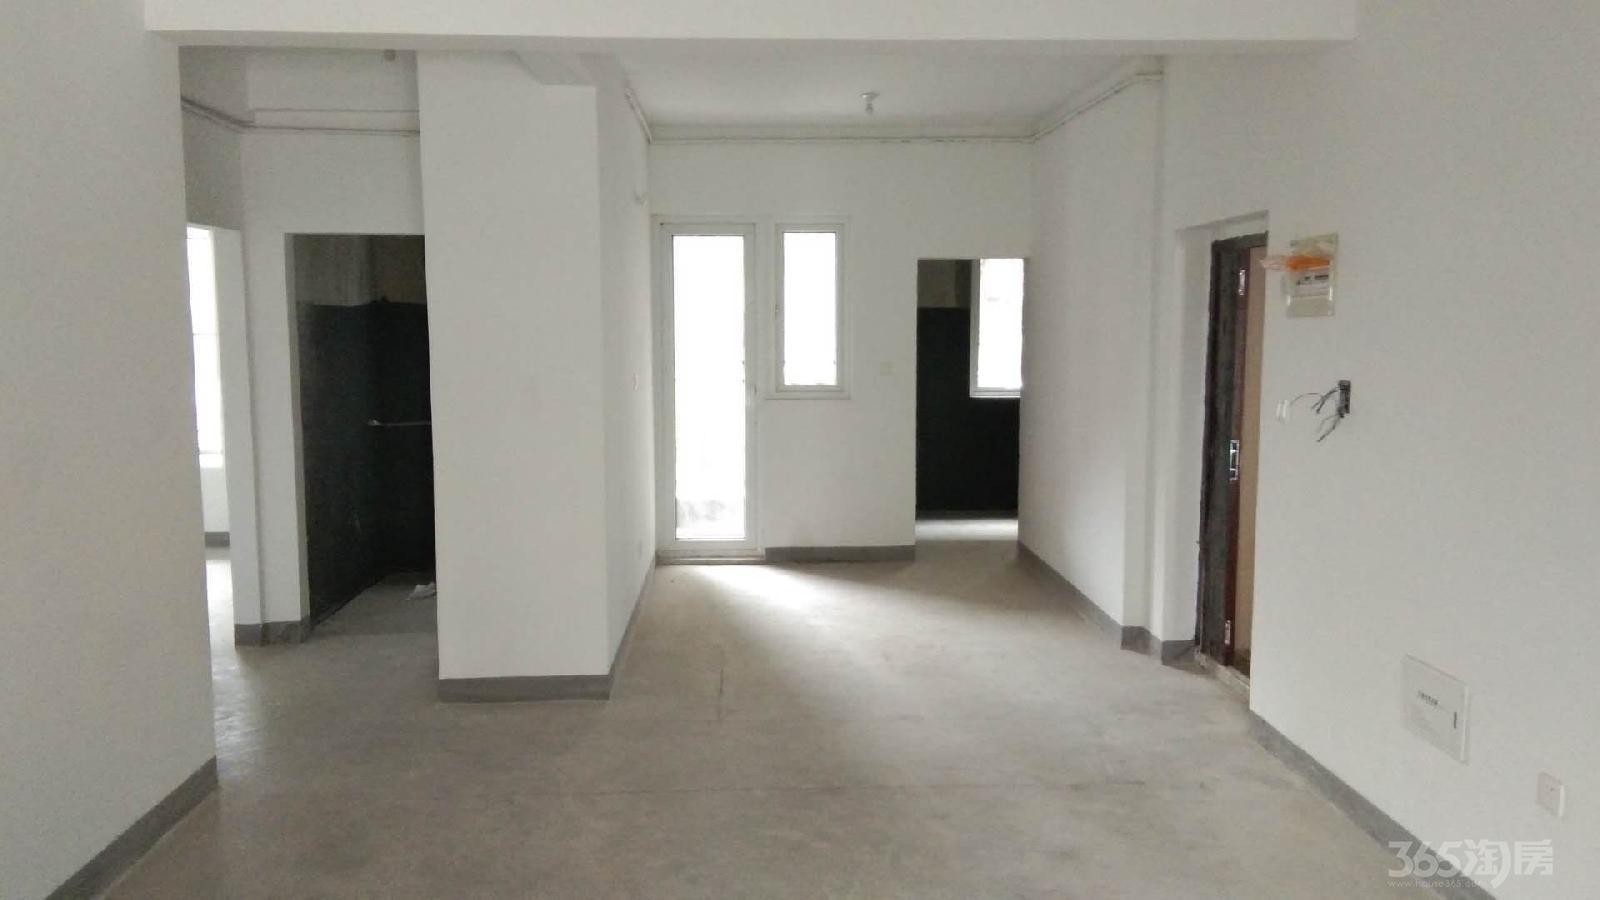 东方蓝海2室2厅2卫106平米低价卖学区房